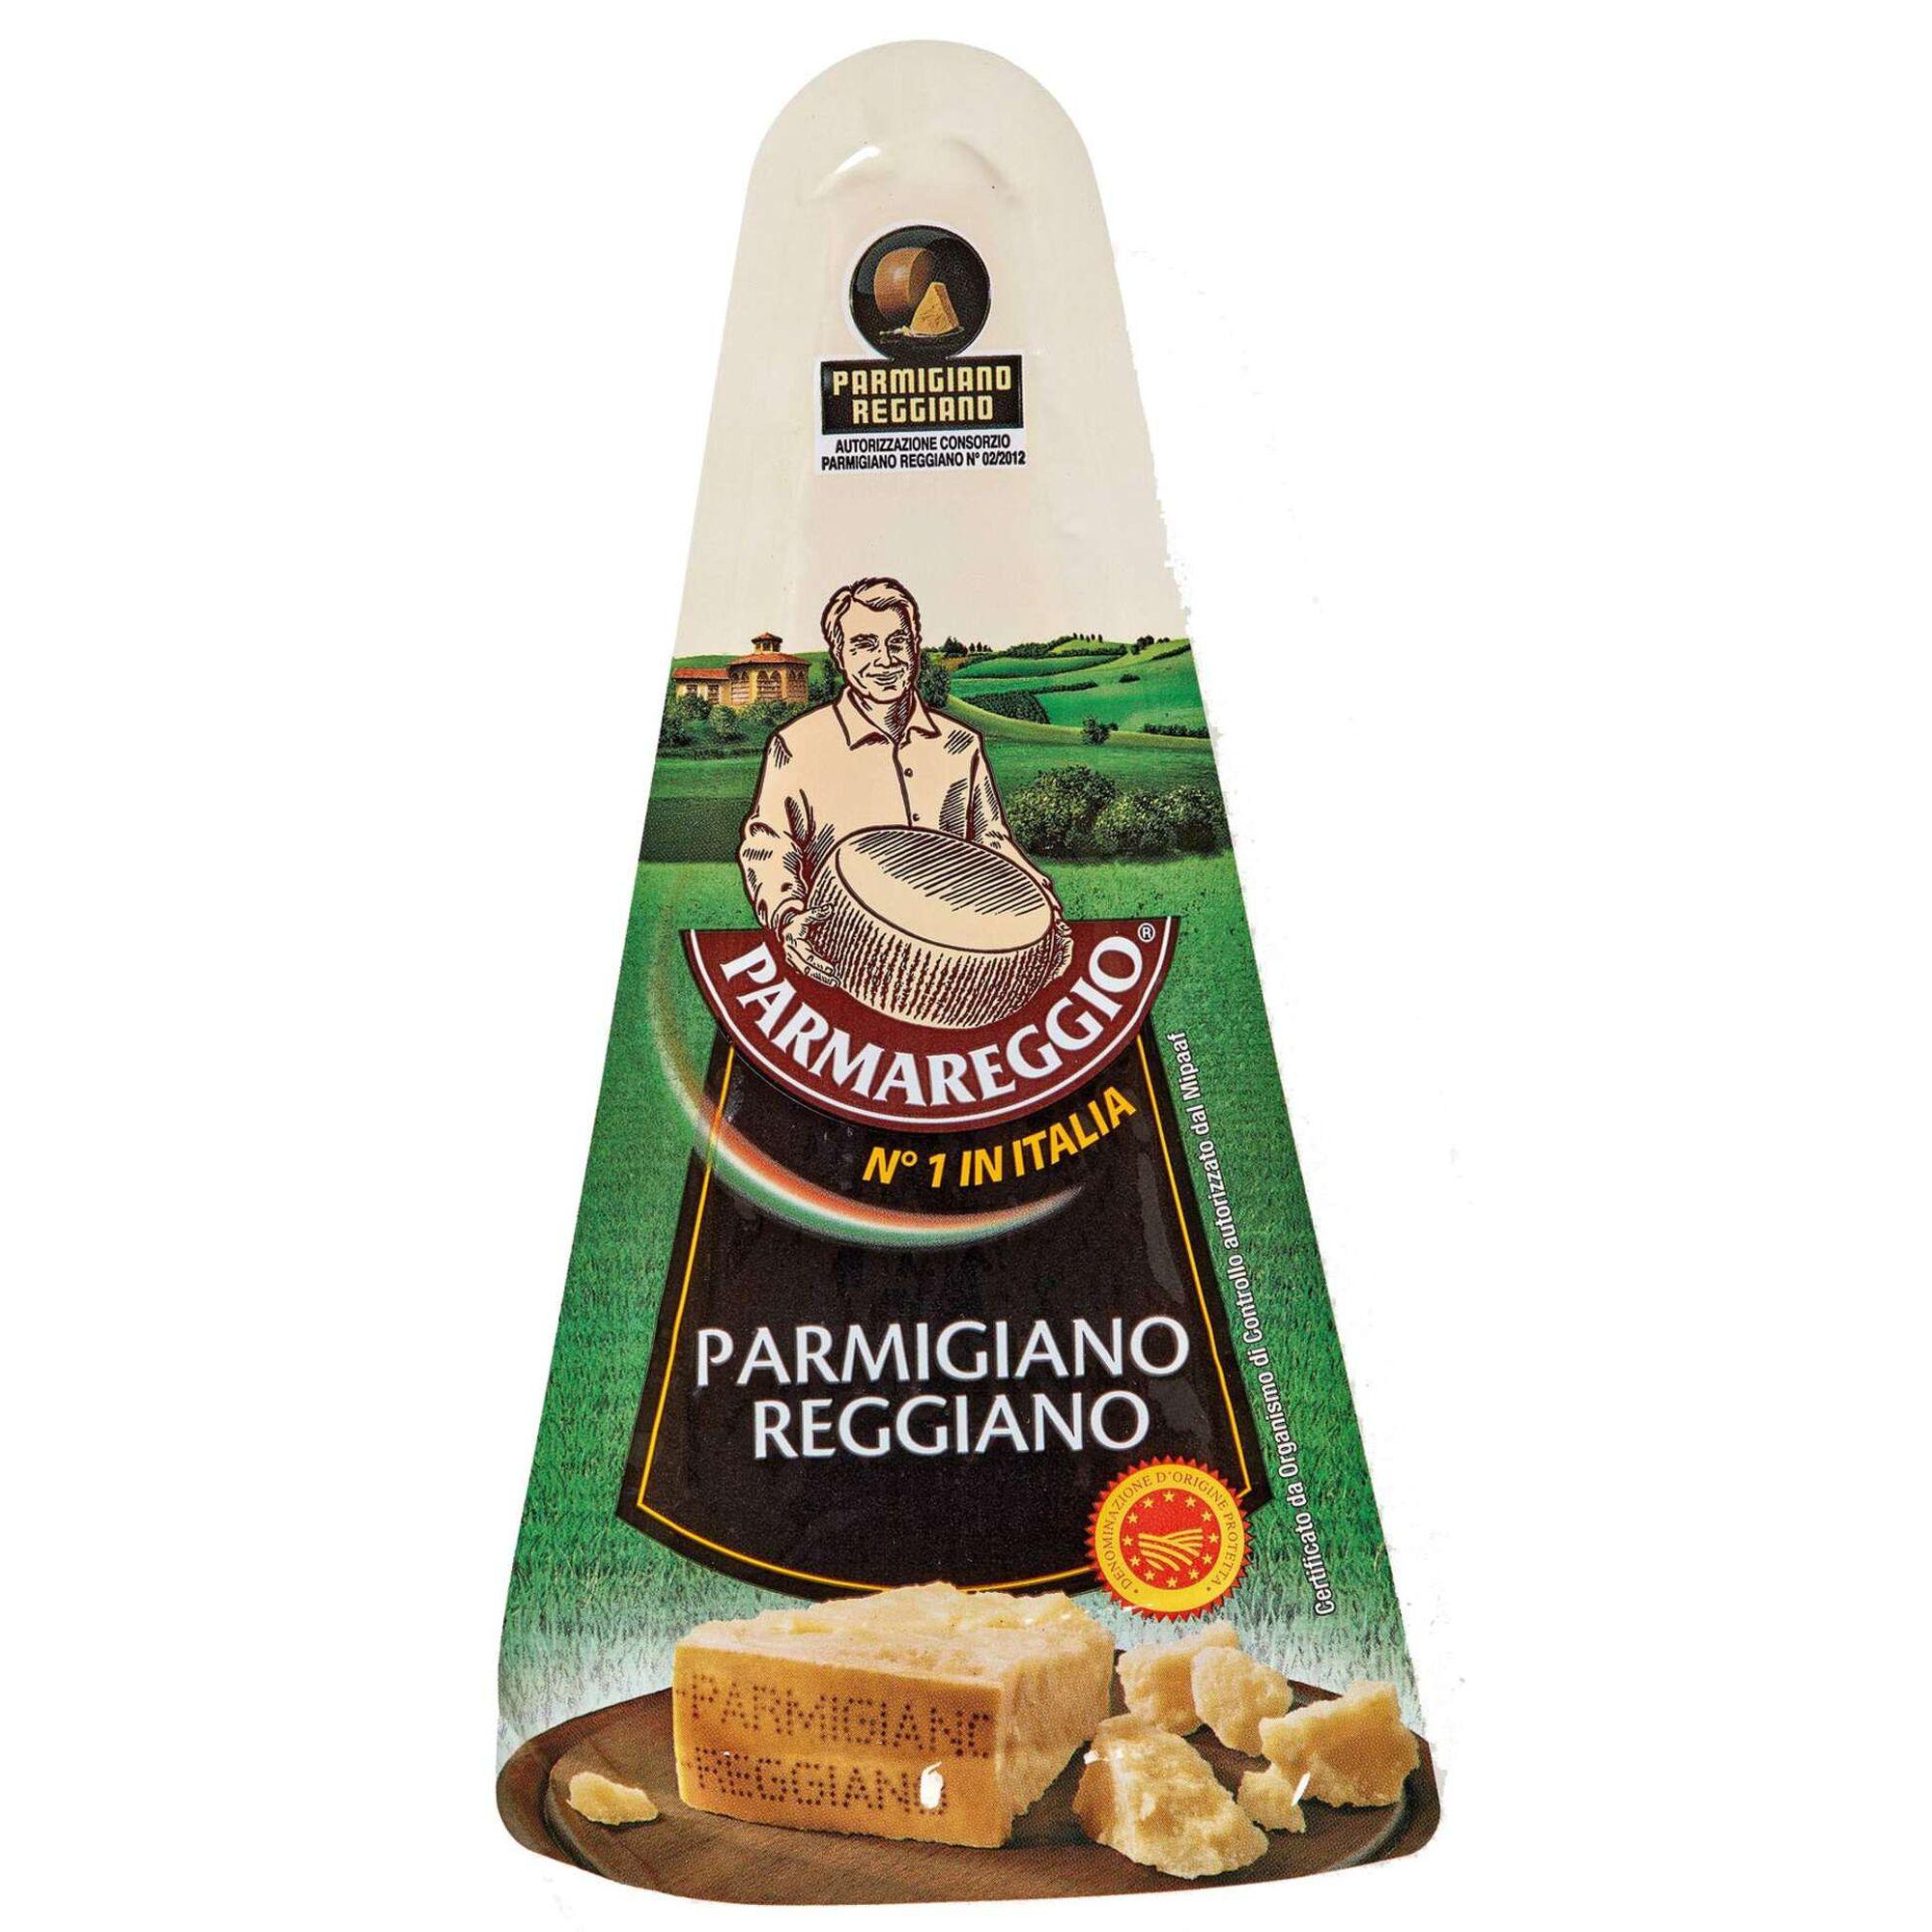 Queijo Parmigiano Reggiano 13-14 Meses de Cura